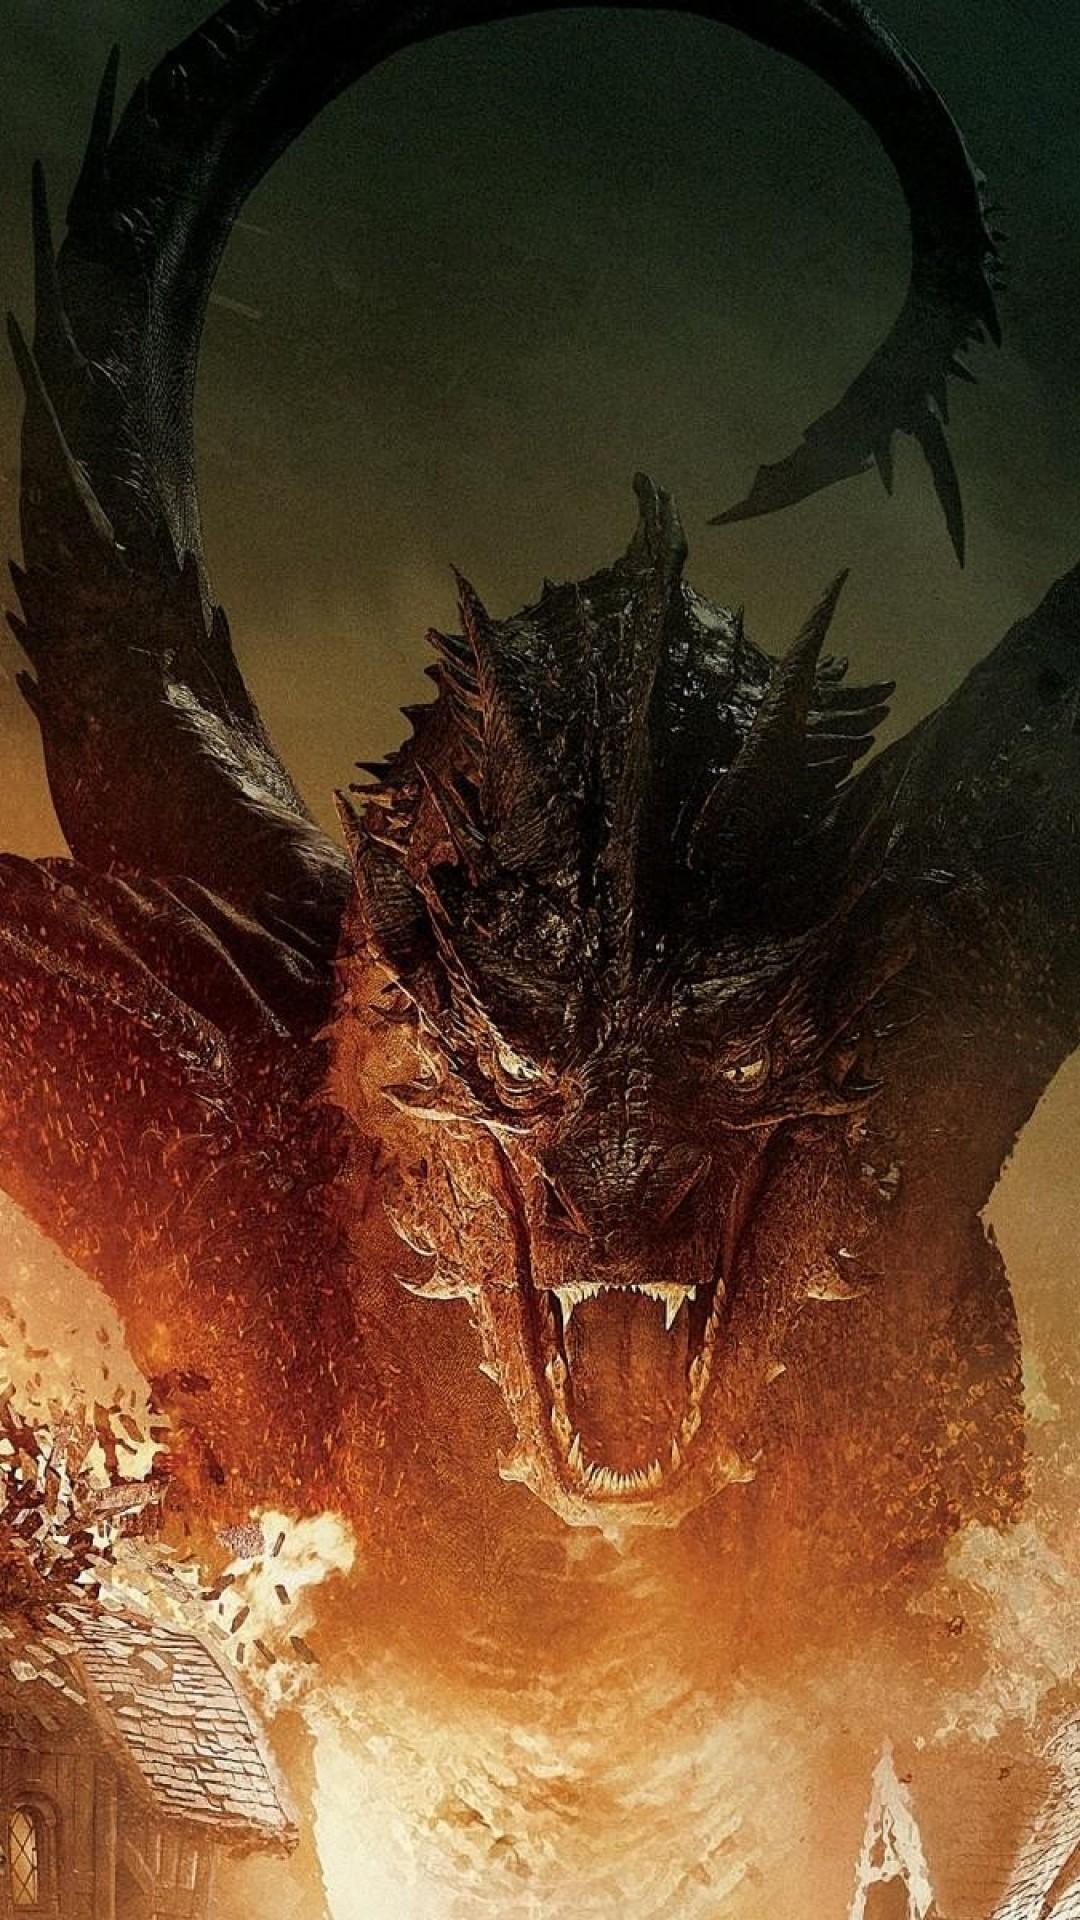 The Hobbit, Smaug, Dragon, Fire